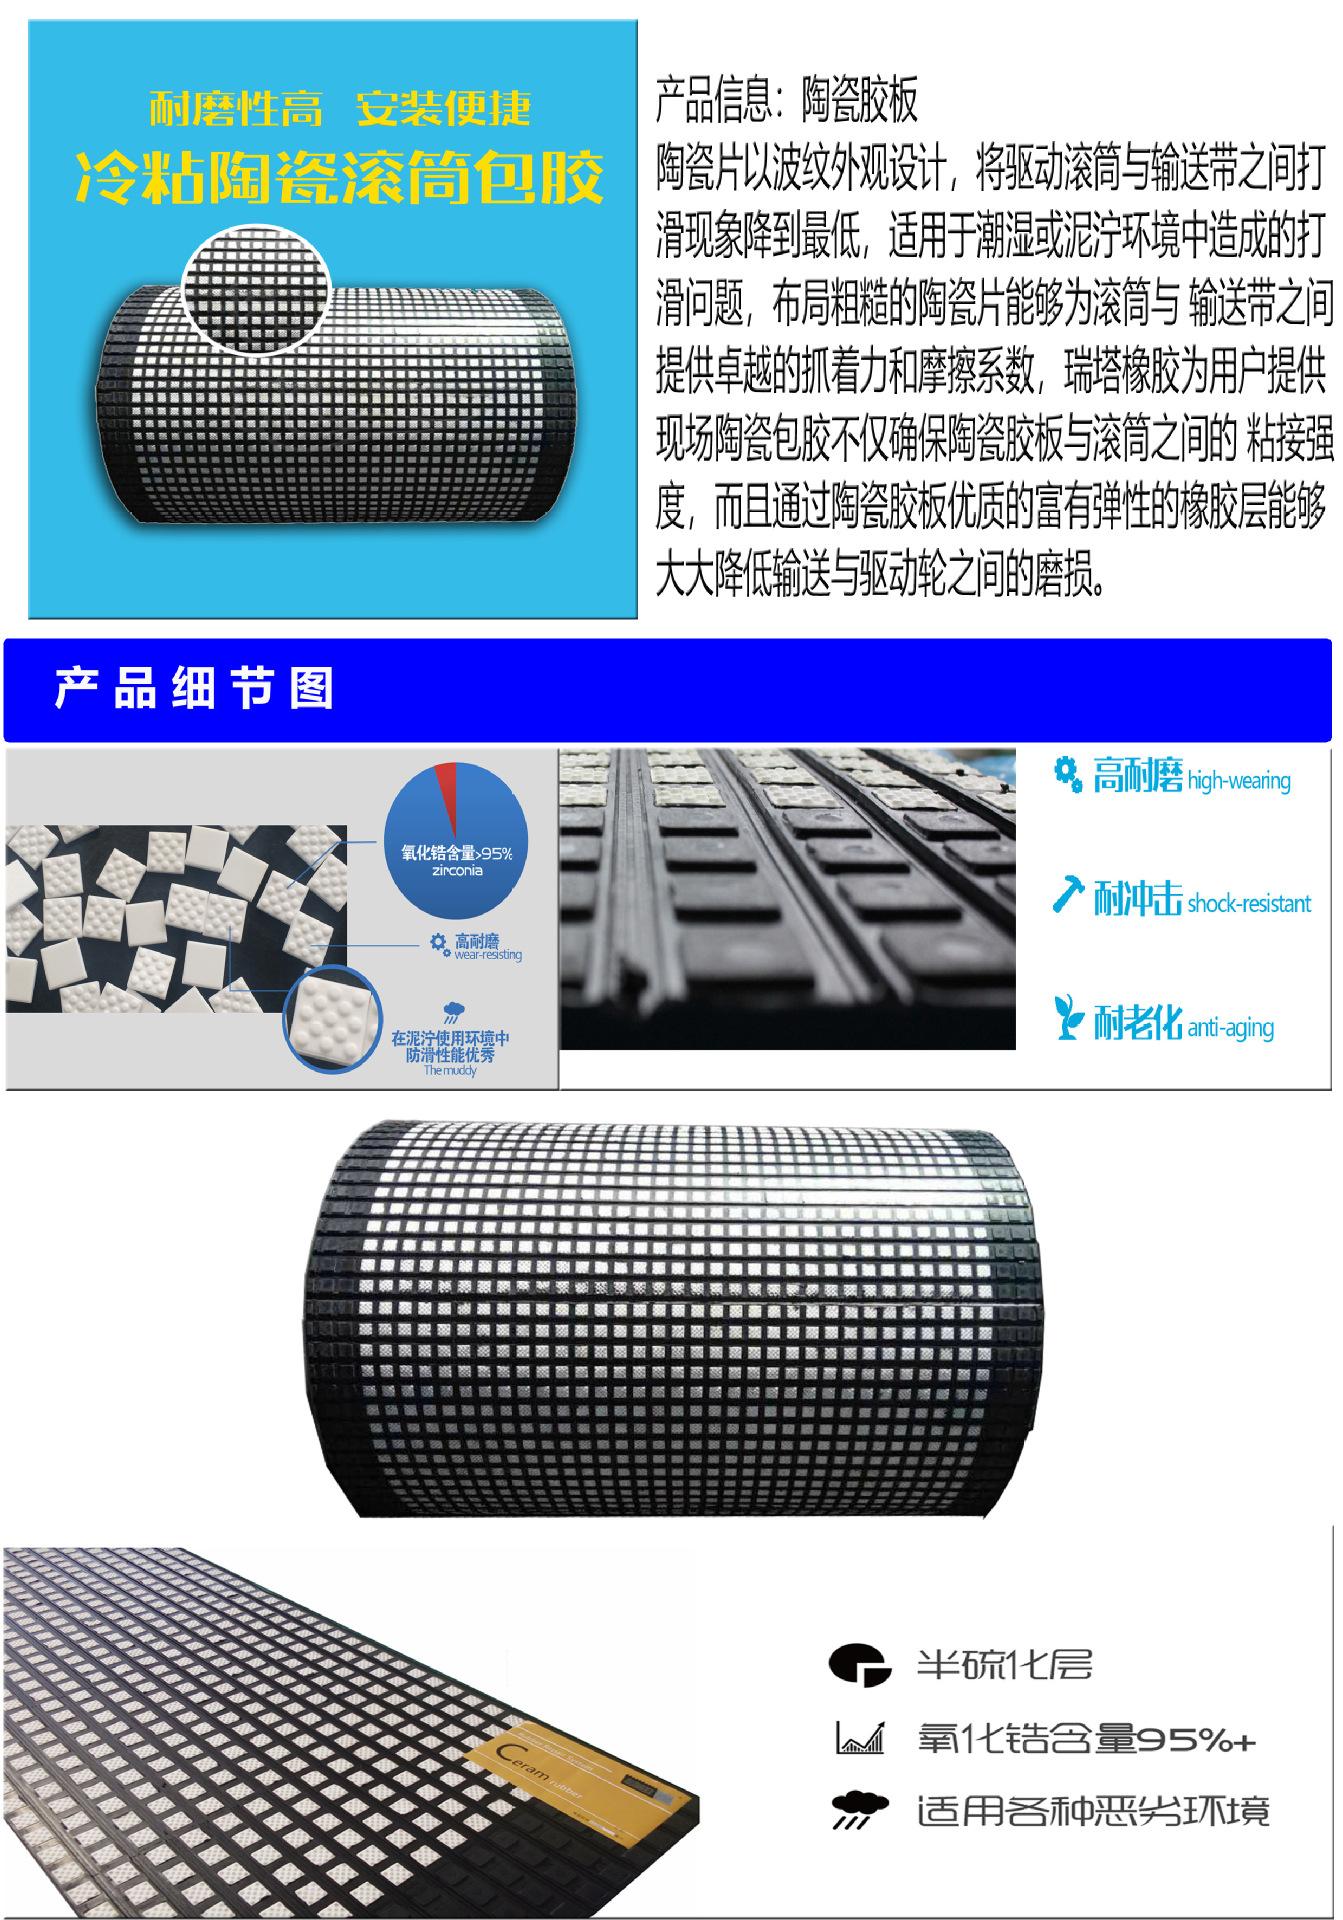 15mm陶瓷橡胶板  落料斗陶瓷橡胶复合橡胶板示例图2